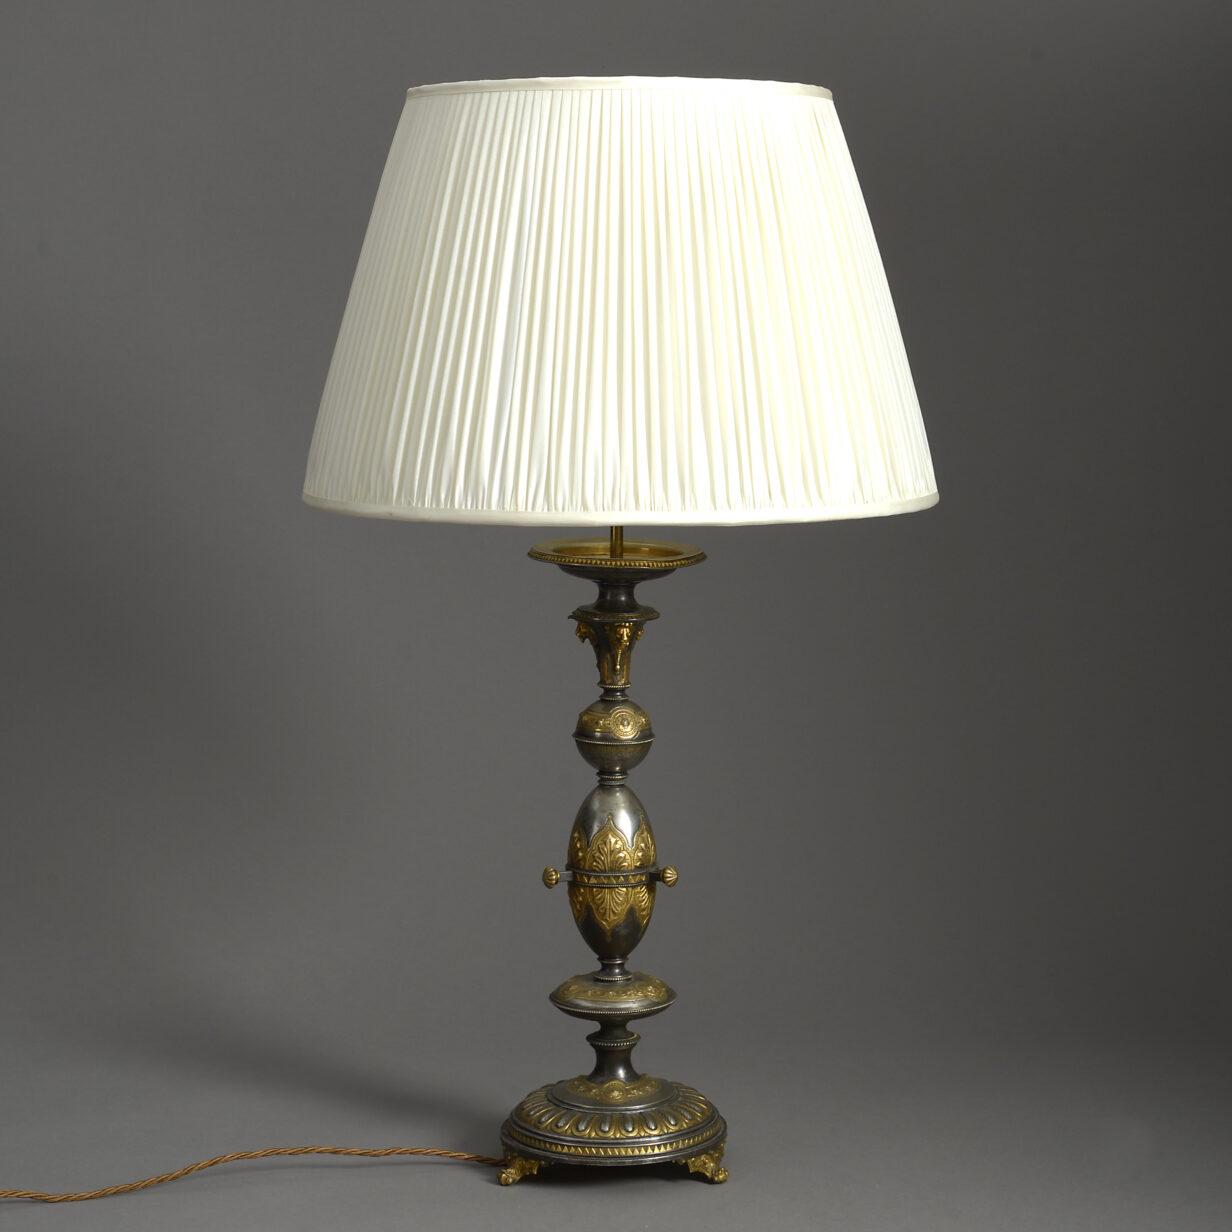 Steel and Gilt Metal Lamp